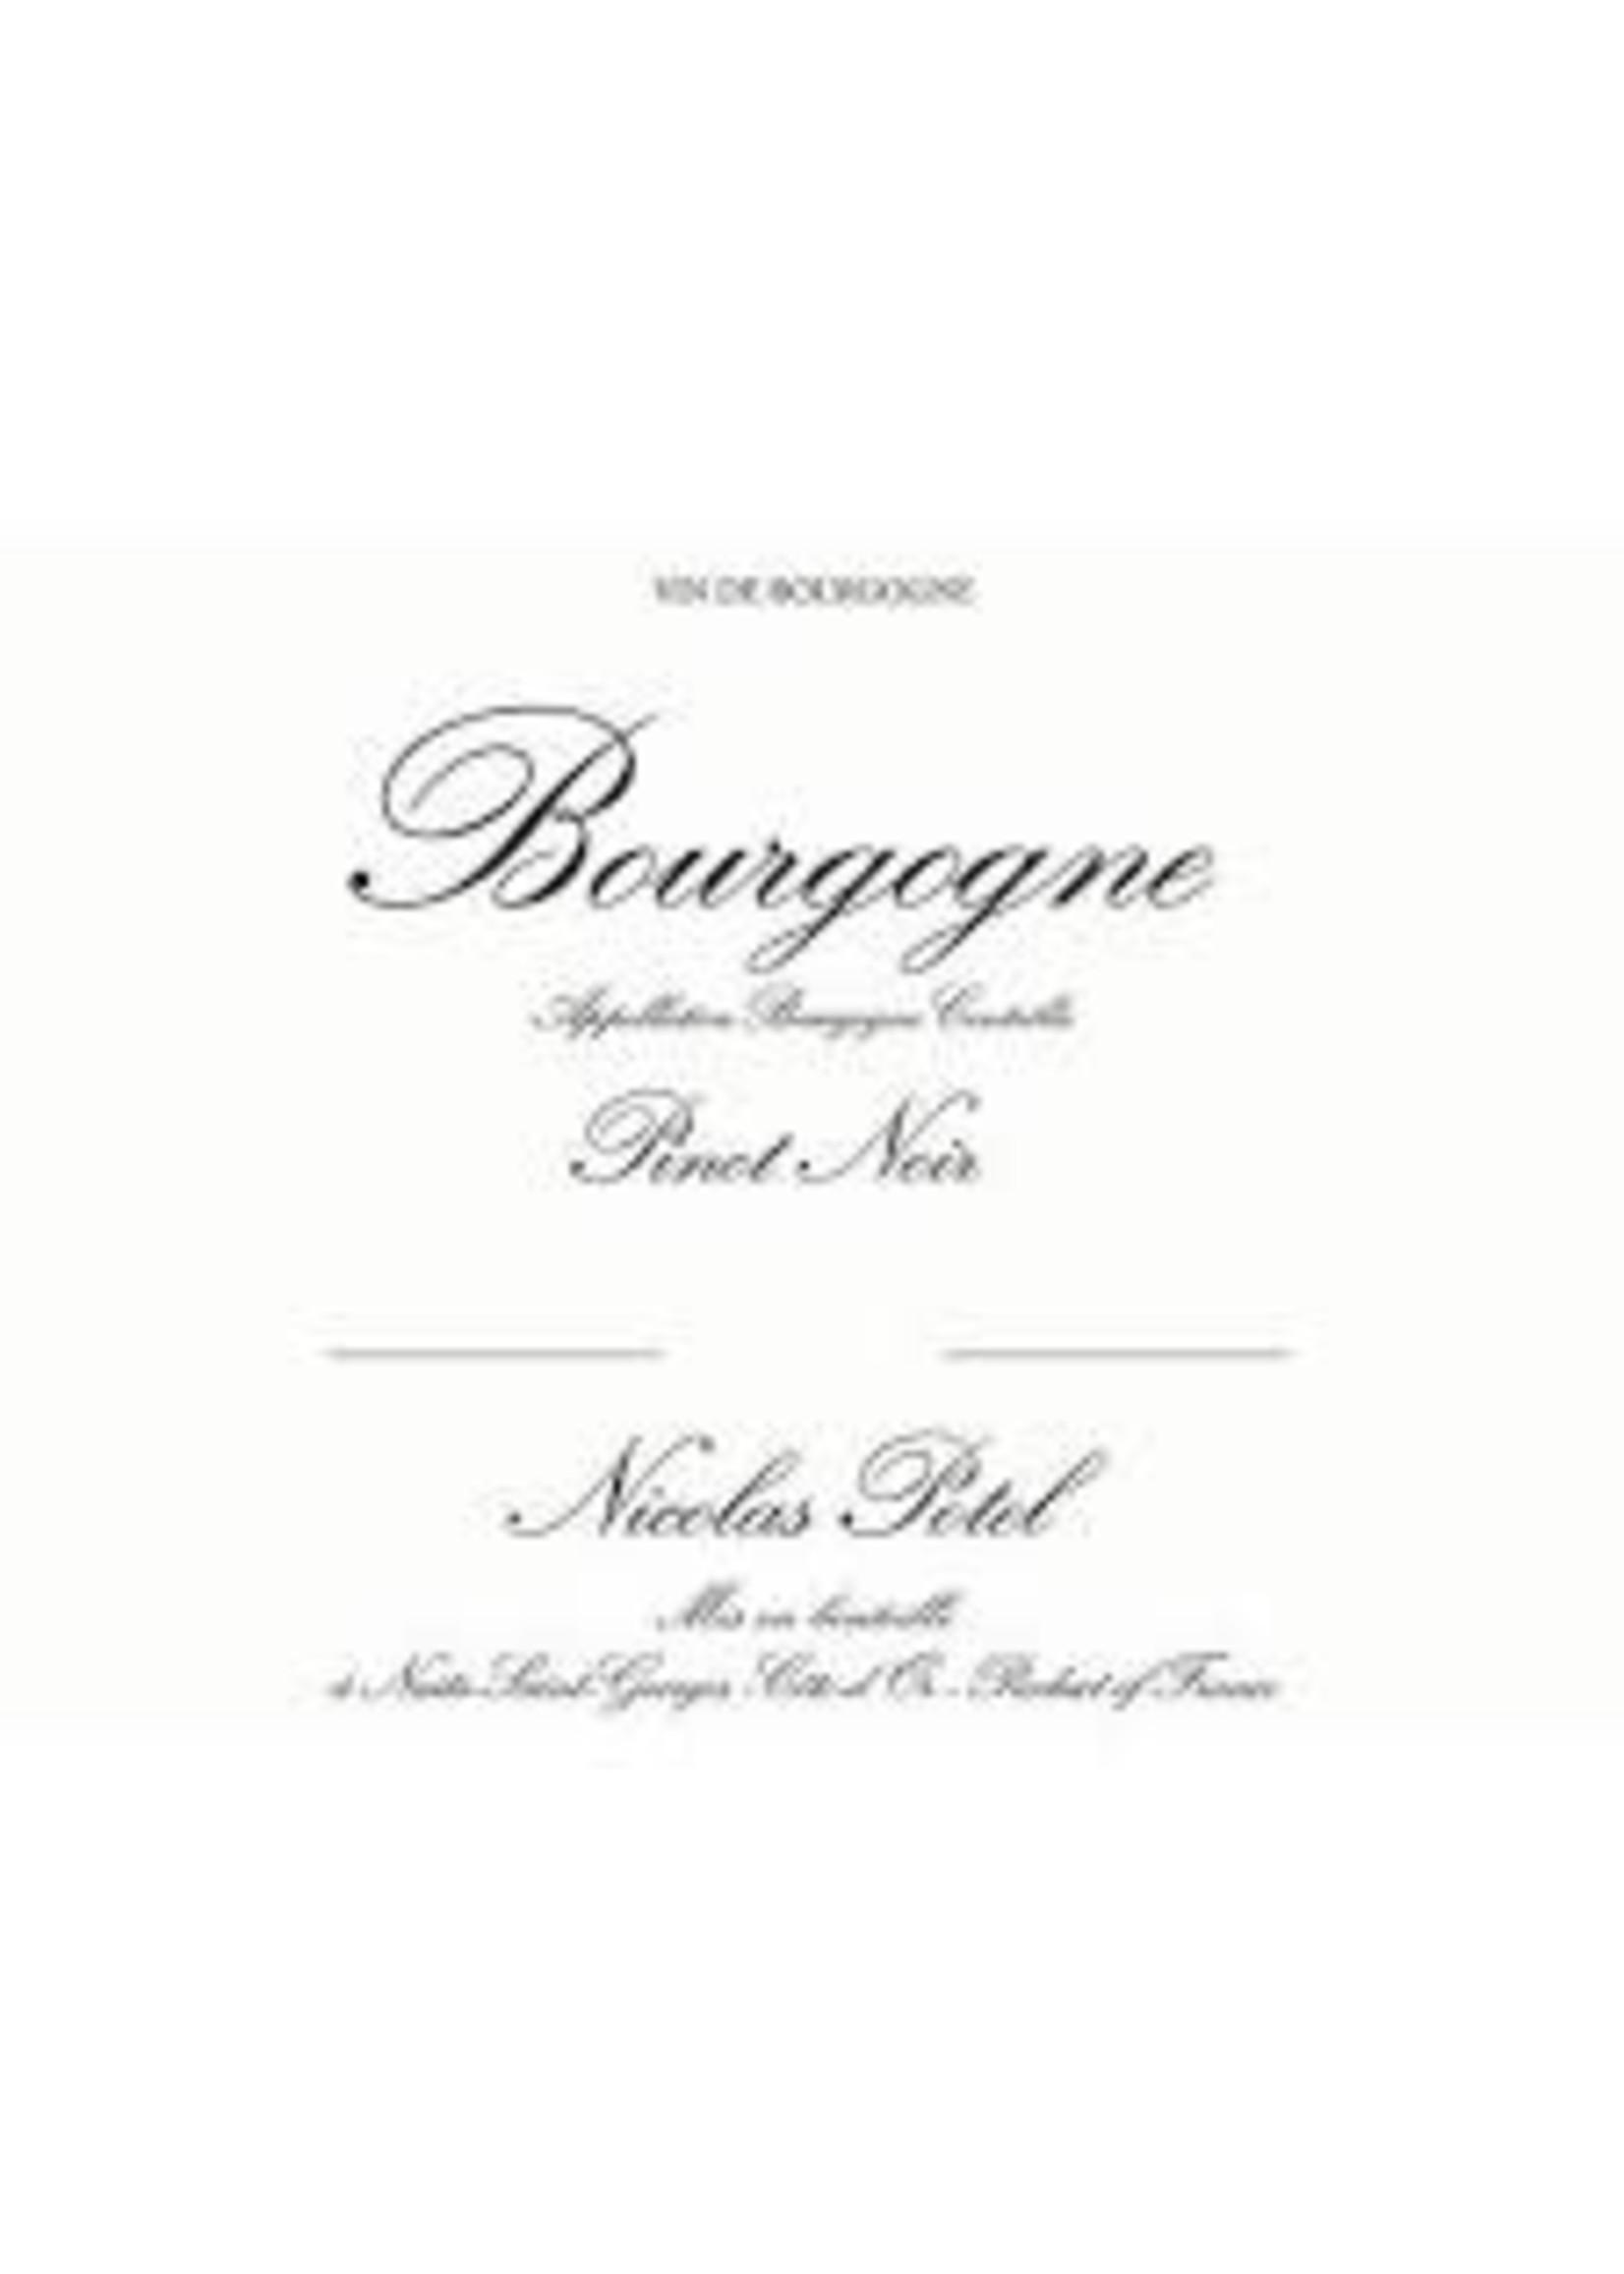 Nicholas Potel 2018 Bourgogne Rouge 750ml